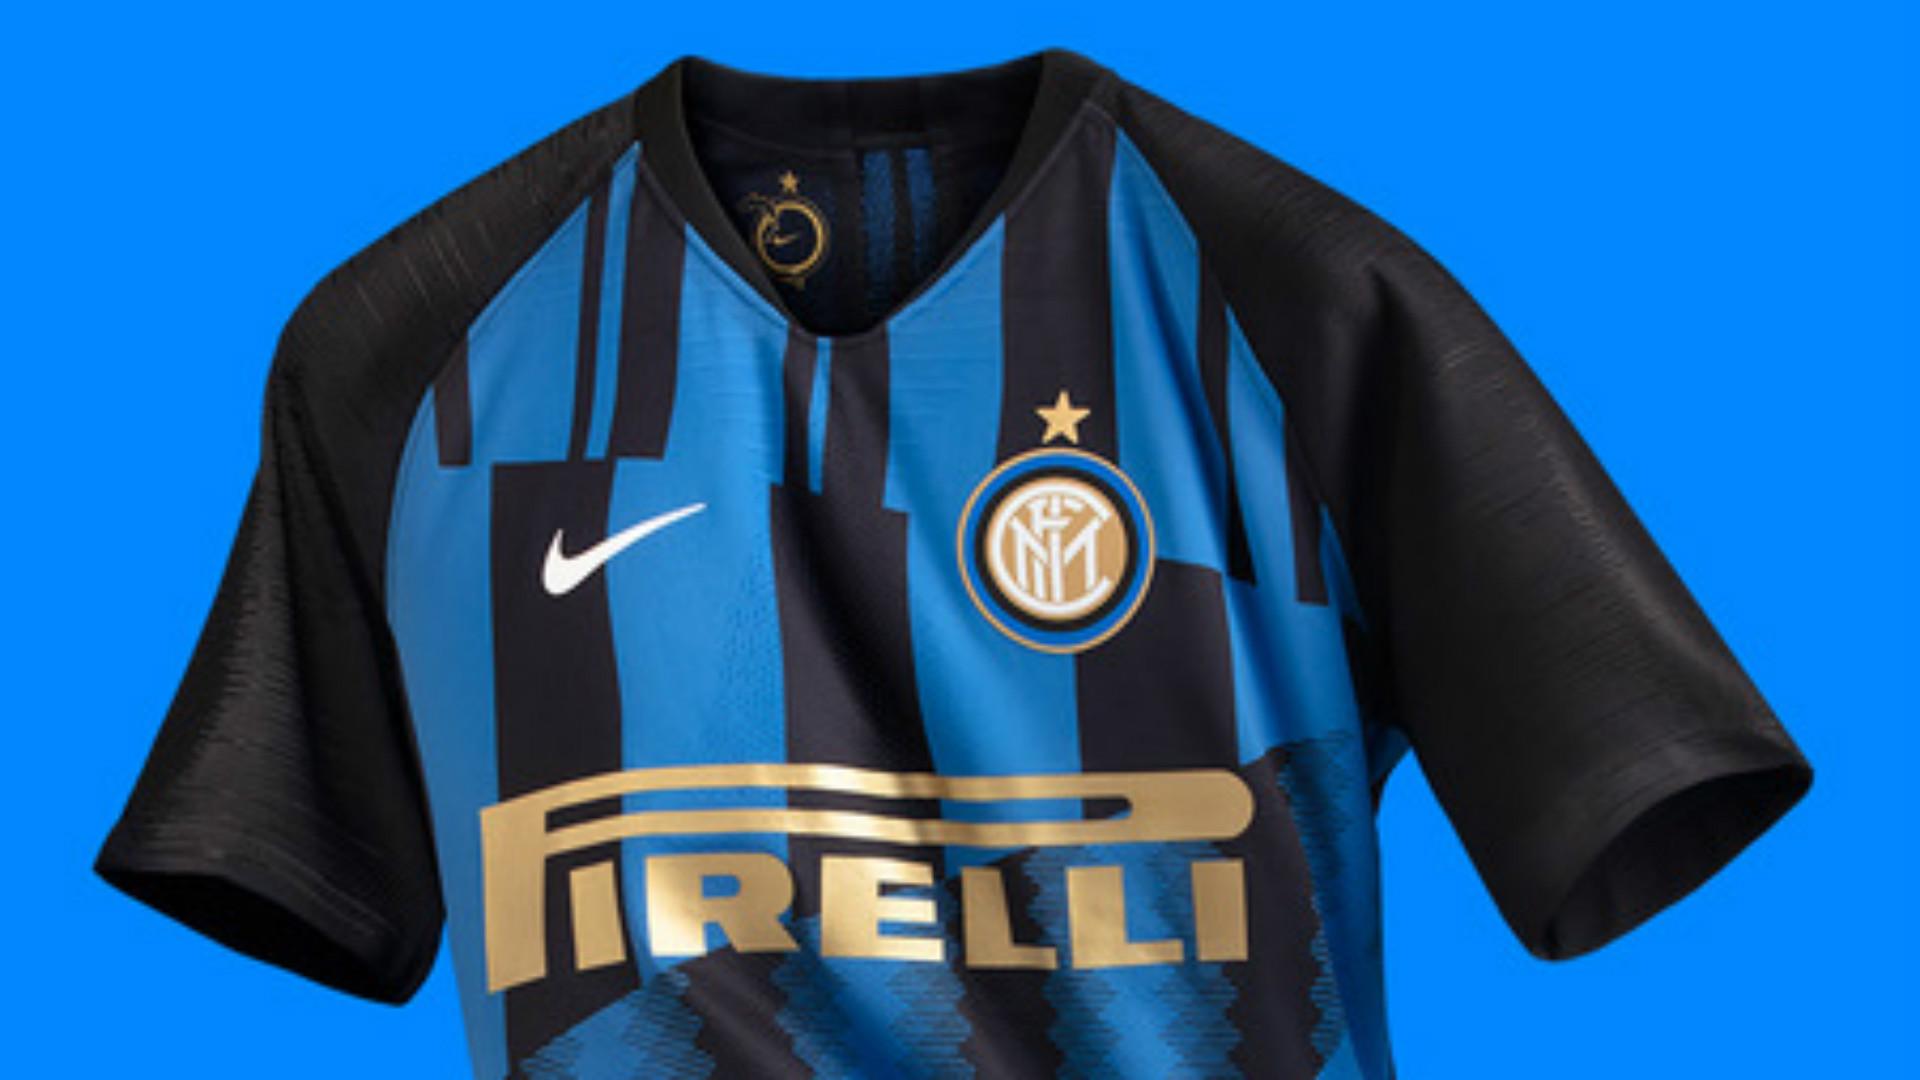 Fußball-Trikots von italienischen Vereinen MAGLIA INTER ⚫